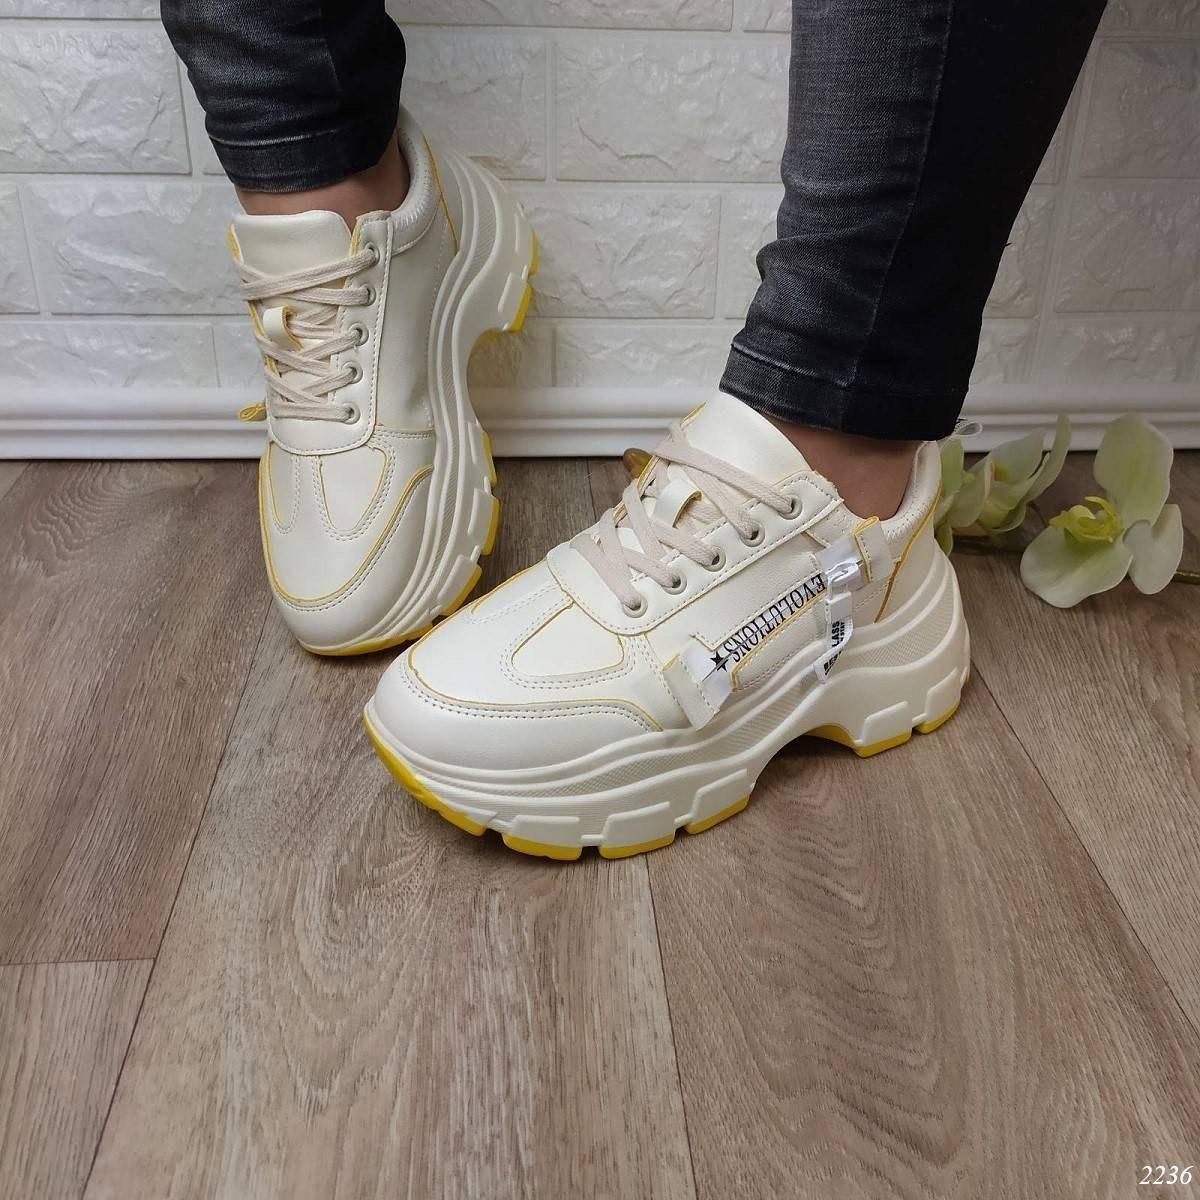 Кросівки жіночі на платформі Код: 2236 Колір: беж+жовтий